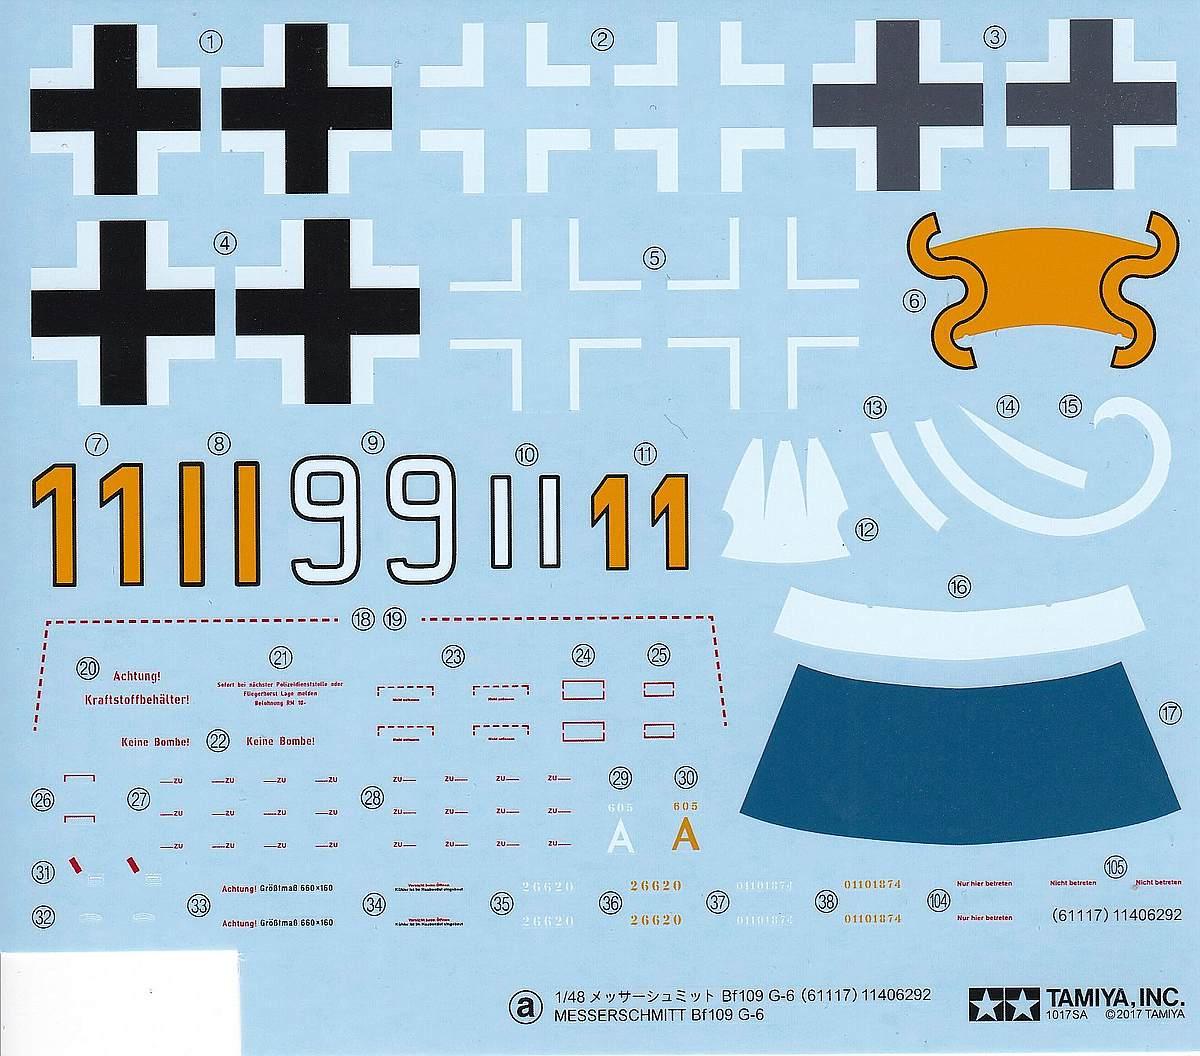 Tamiya-117-Messerschmitt-Bf-109-G6-23 Messerschmitt Bf 109 G6 im Maßstab 1:48 von Tamiya 61117